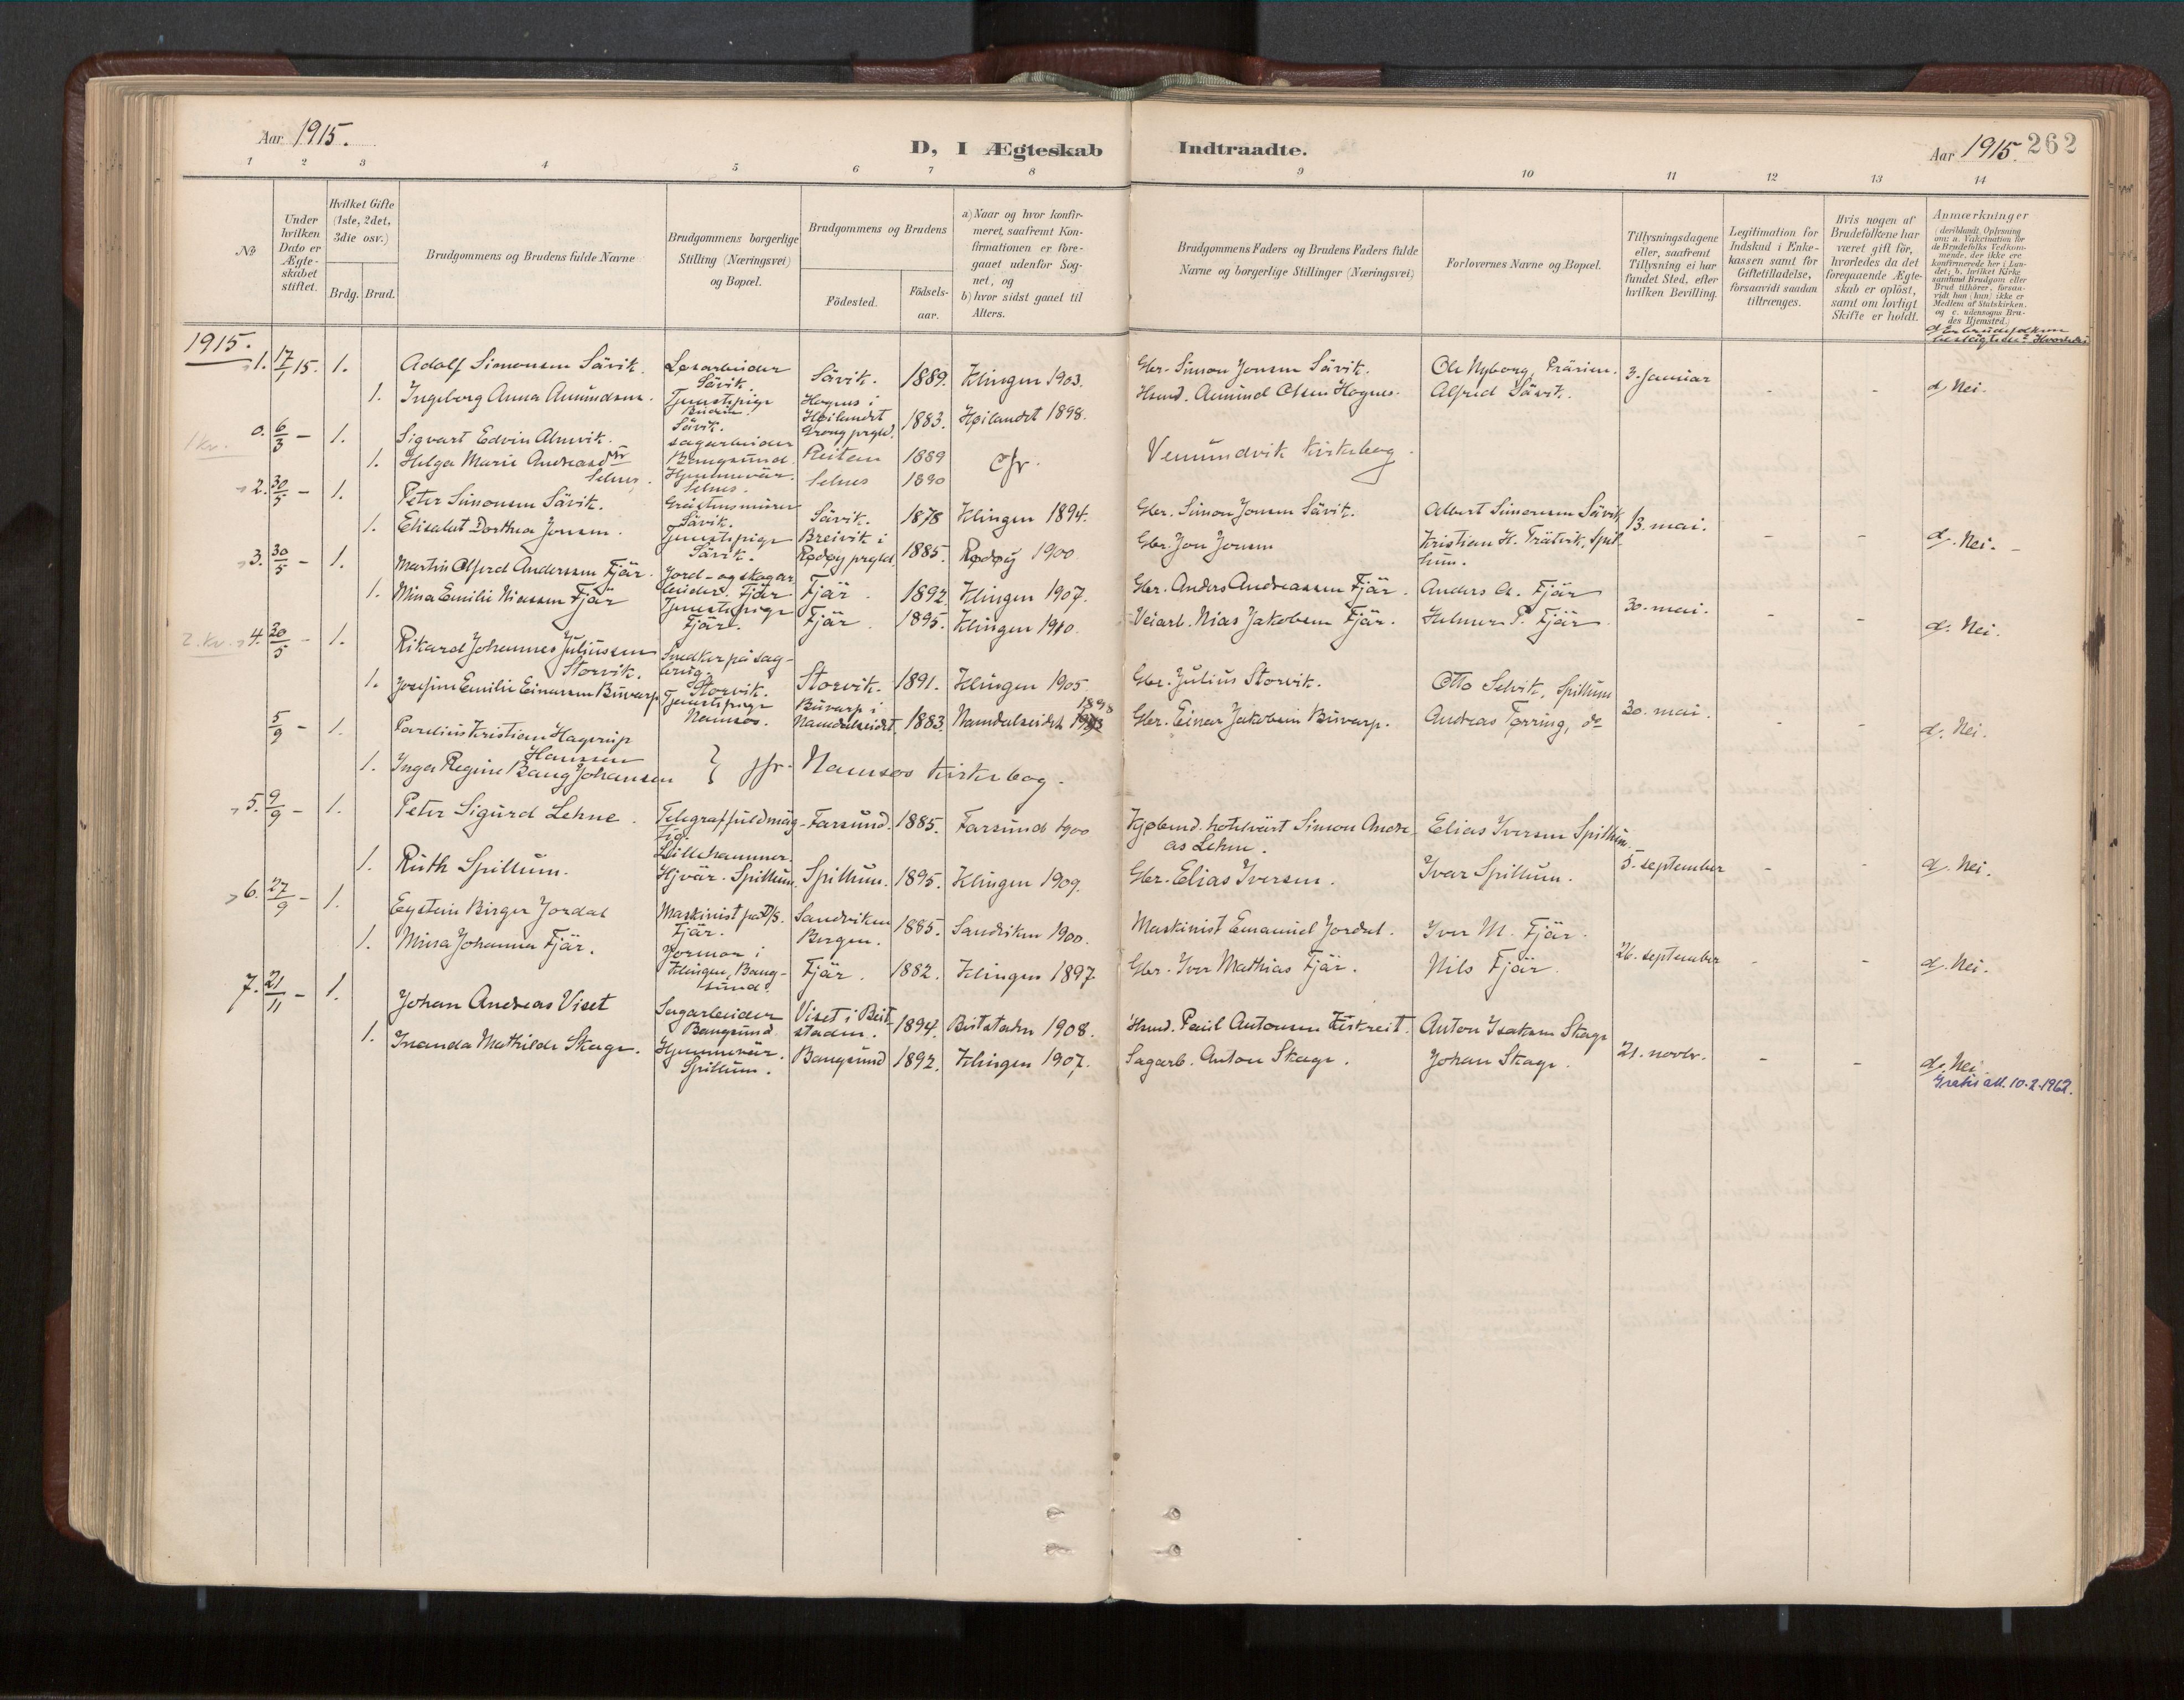 SAT, Ministerialprotokoller, klokkerbøker og fødselsregistre - Nord-Trøndelag, 770/L0589: Ministerialbok nr. 770A03, 1887-1929, s. 262